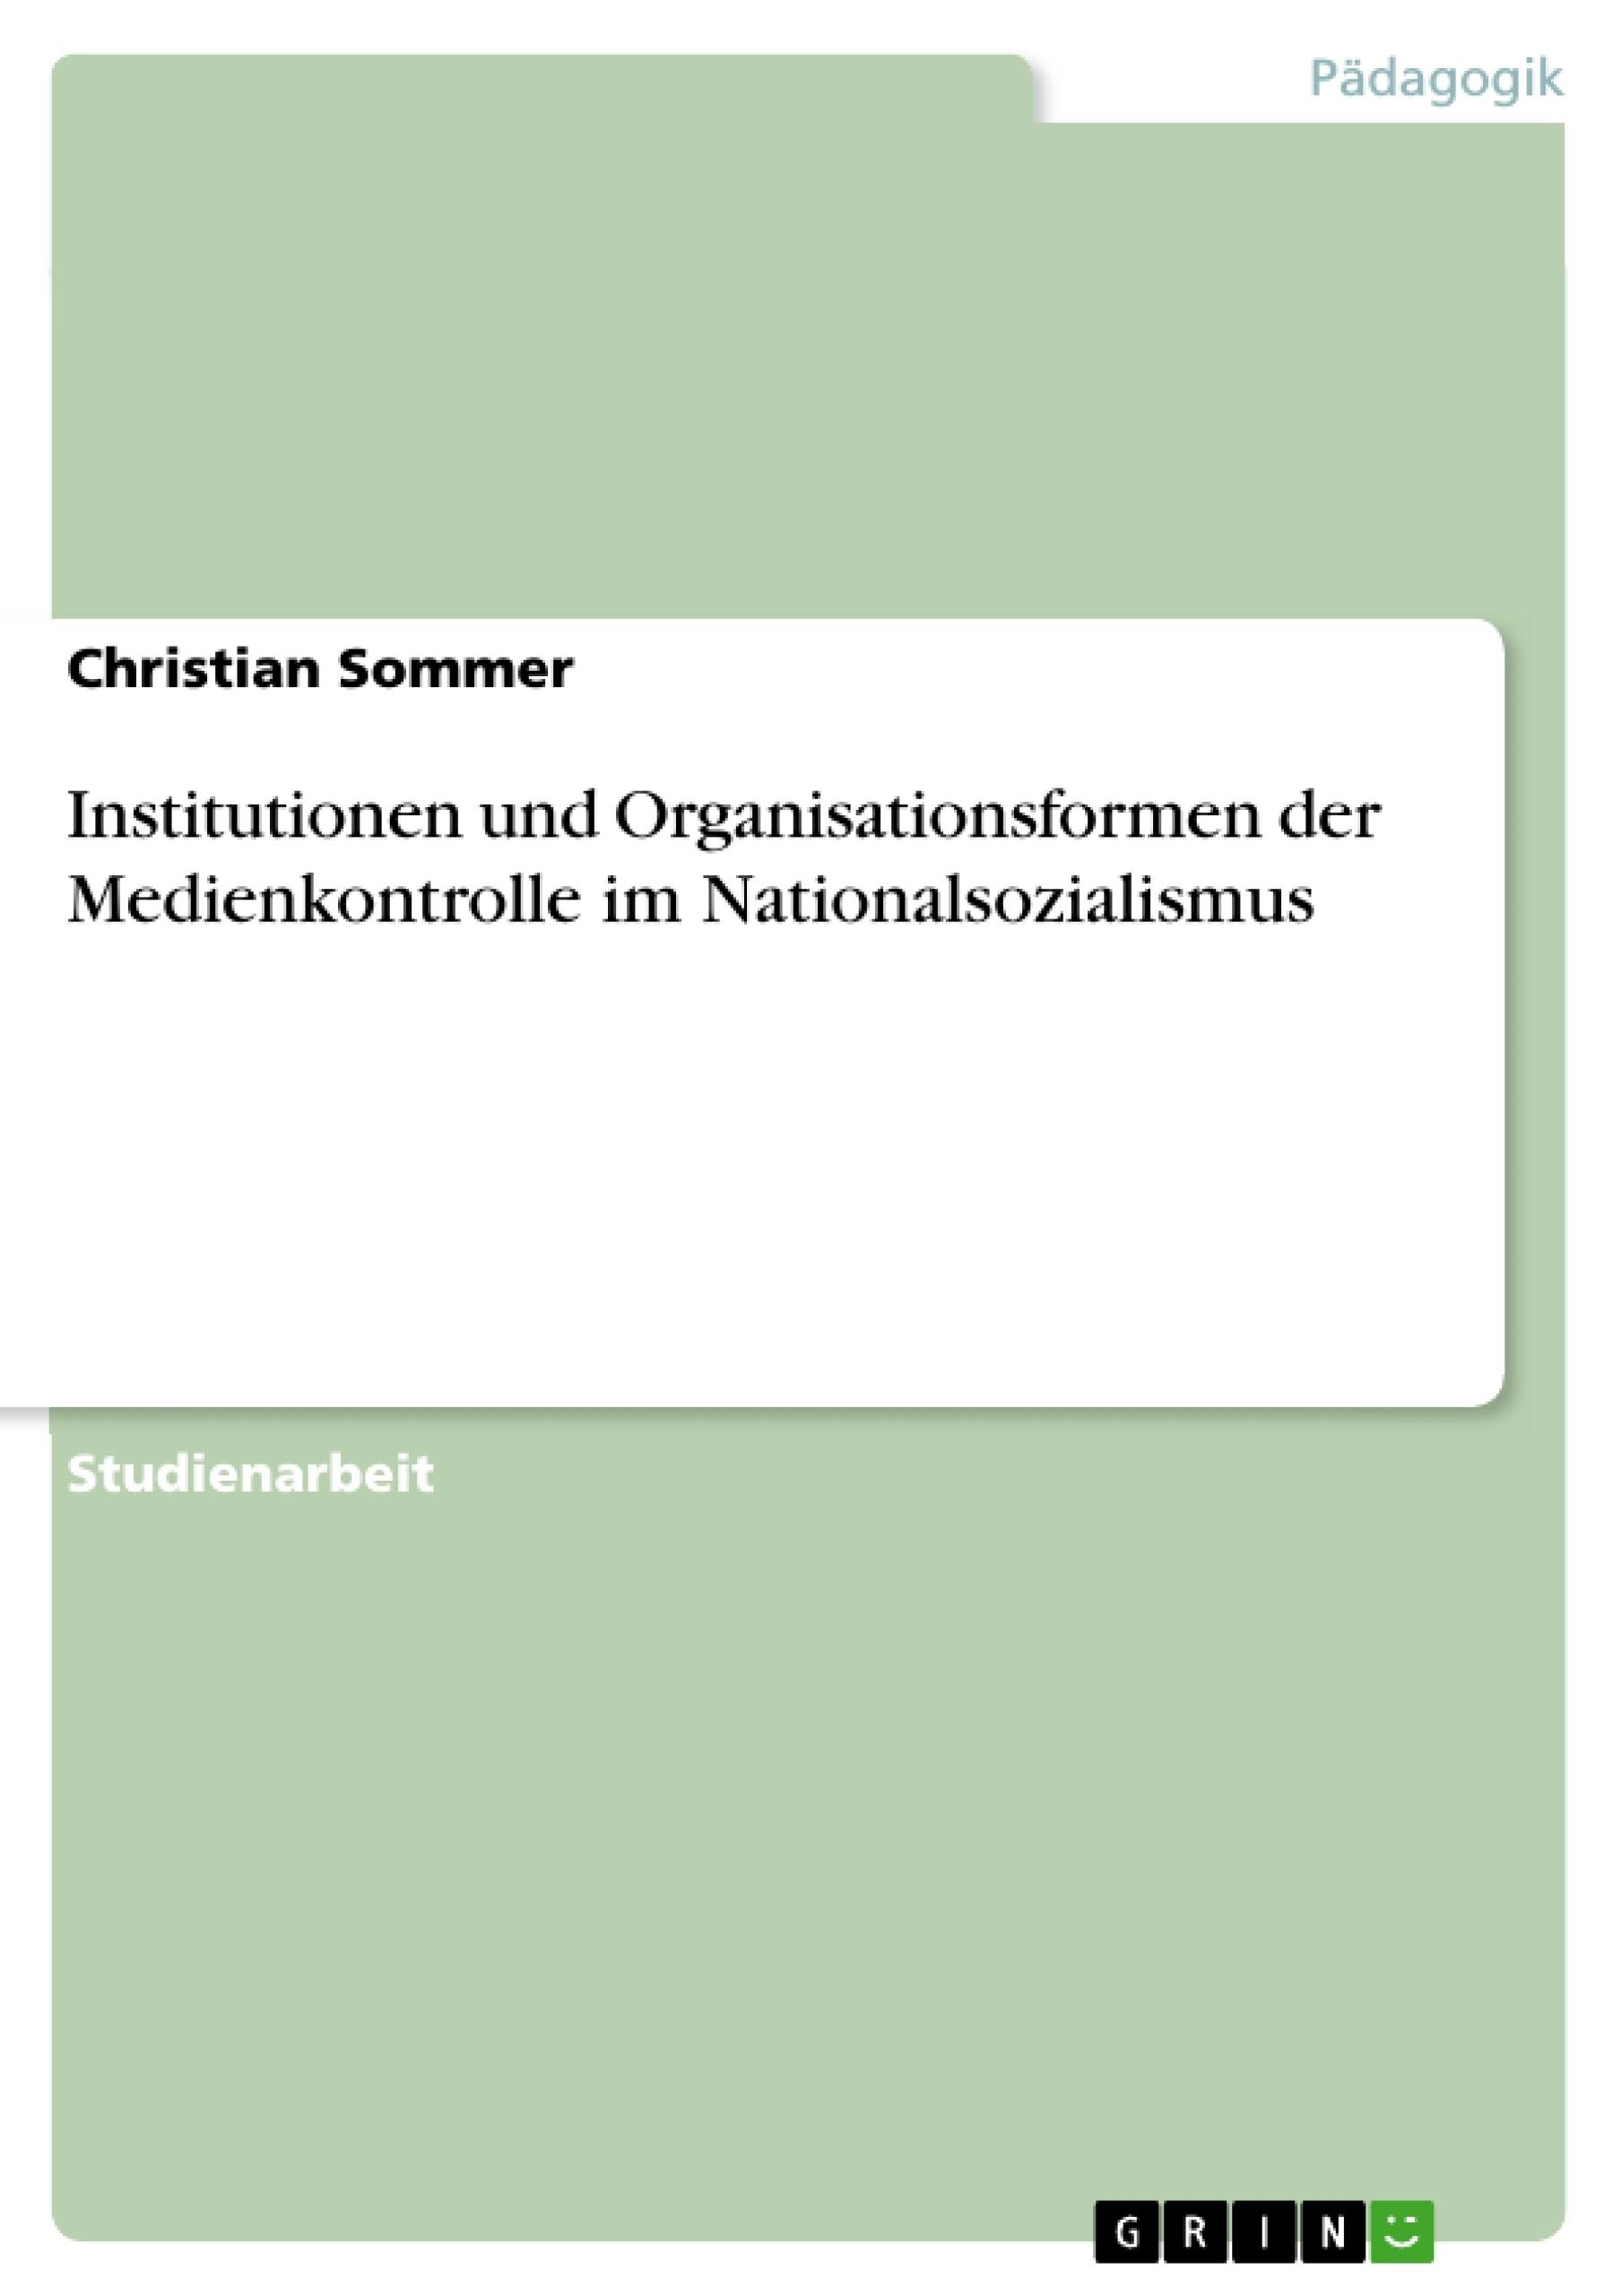 Titel: Institutionen und Organisationsformen der Medienkontrolle im Nationalsozialismus